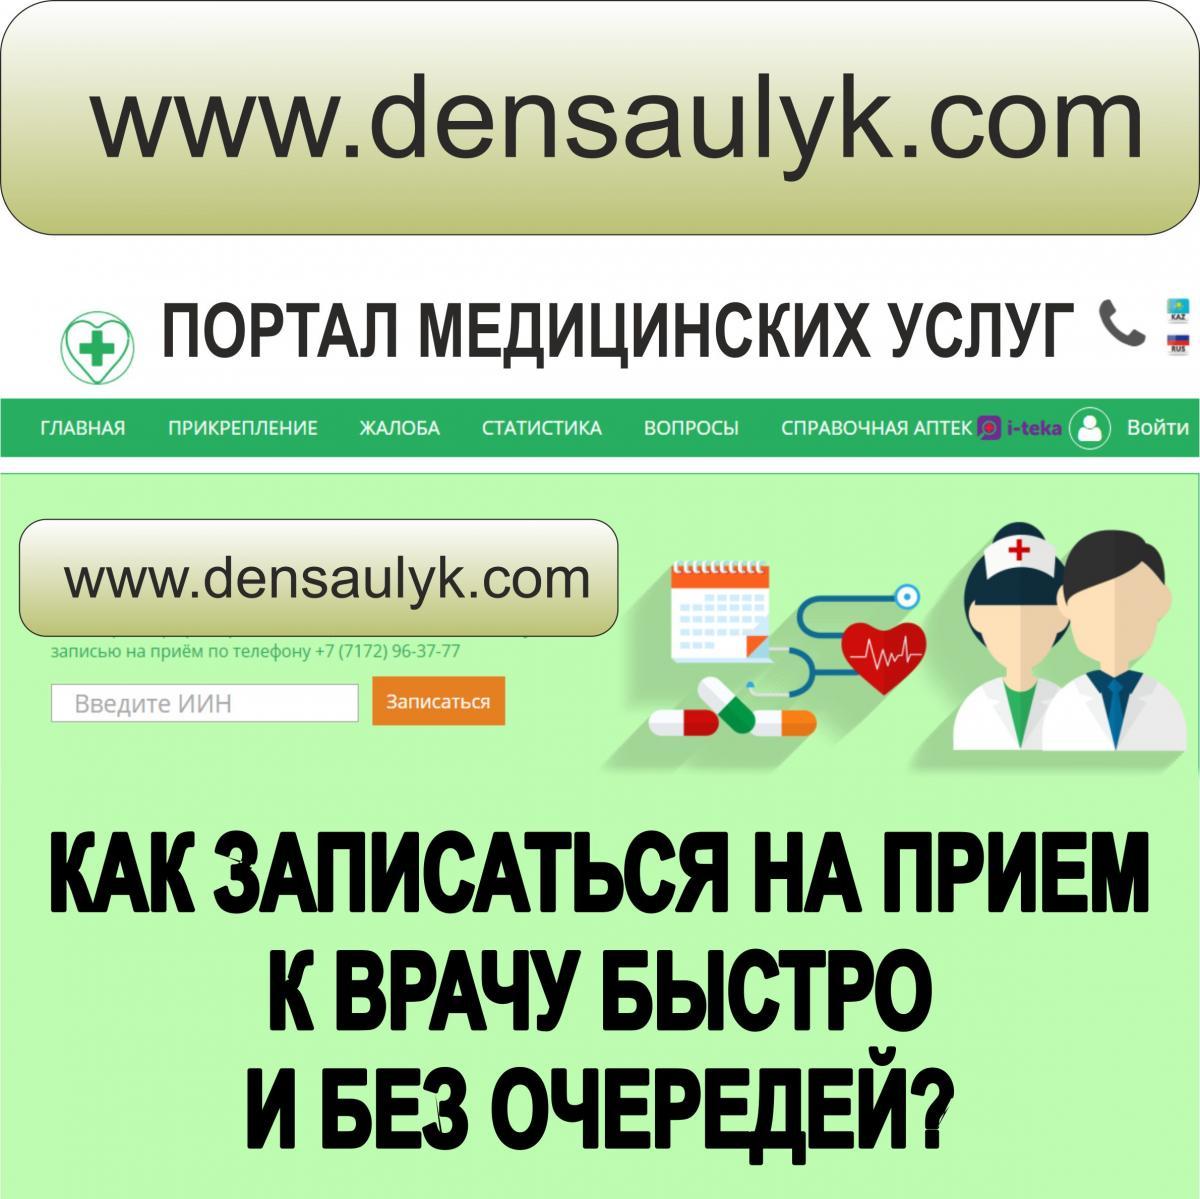 shemi-dlya-zvukovogo-analiza-slov-skachat